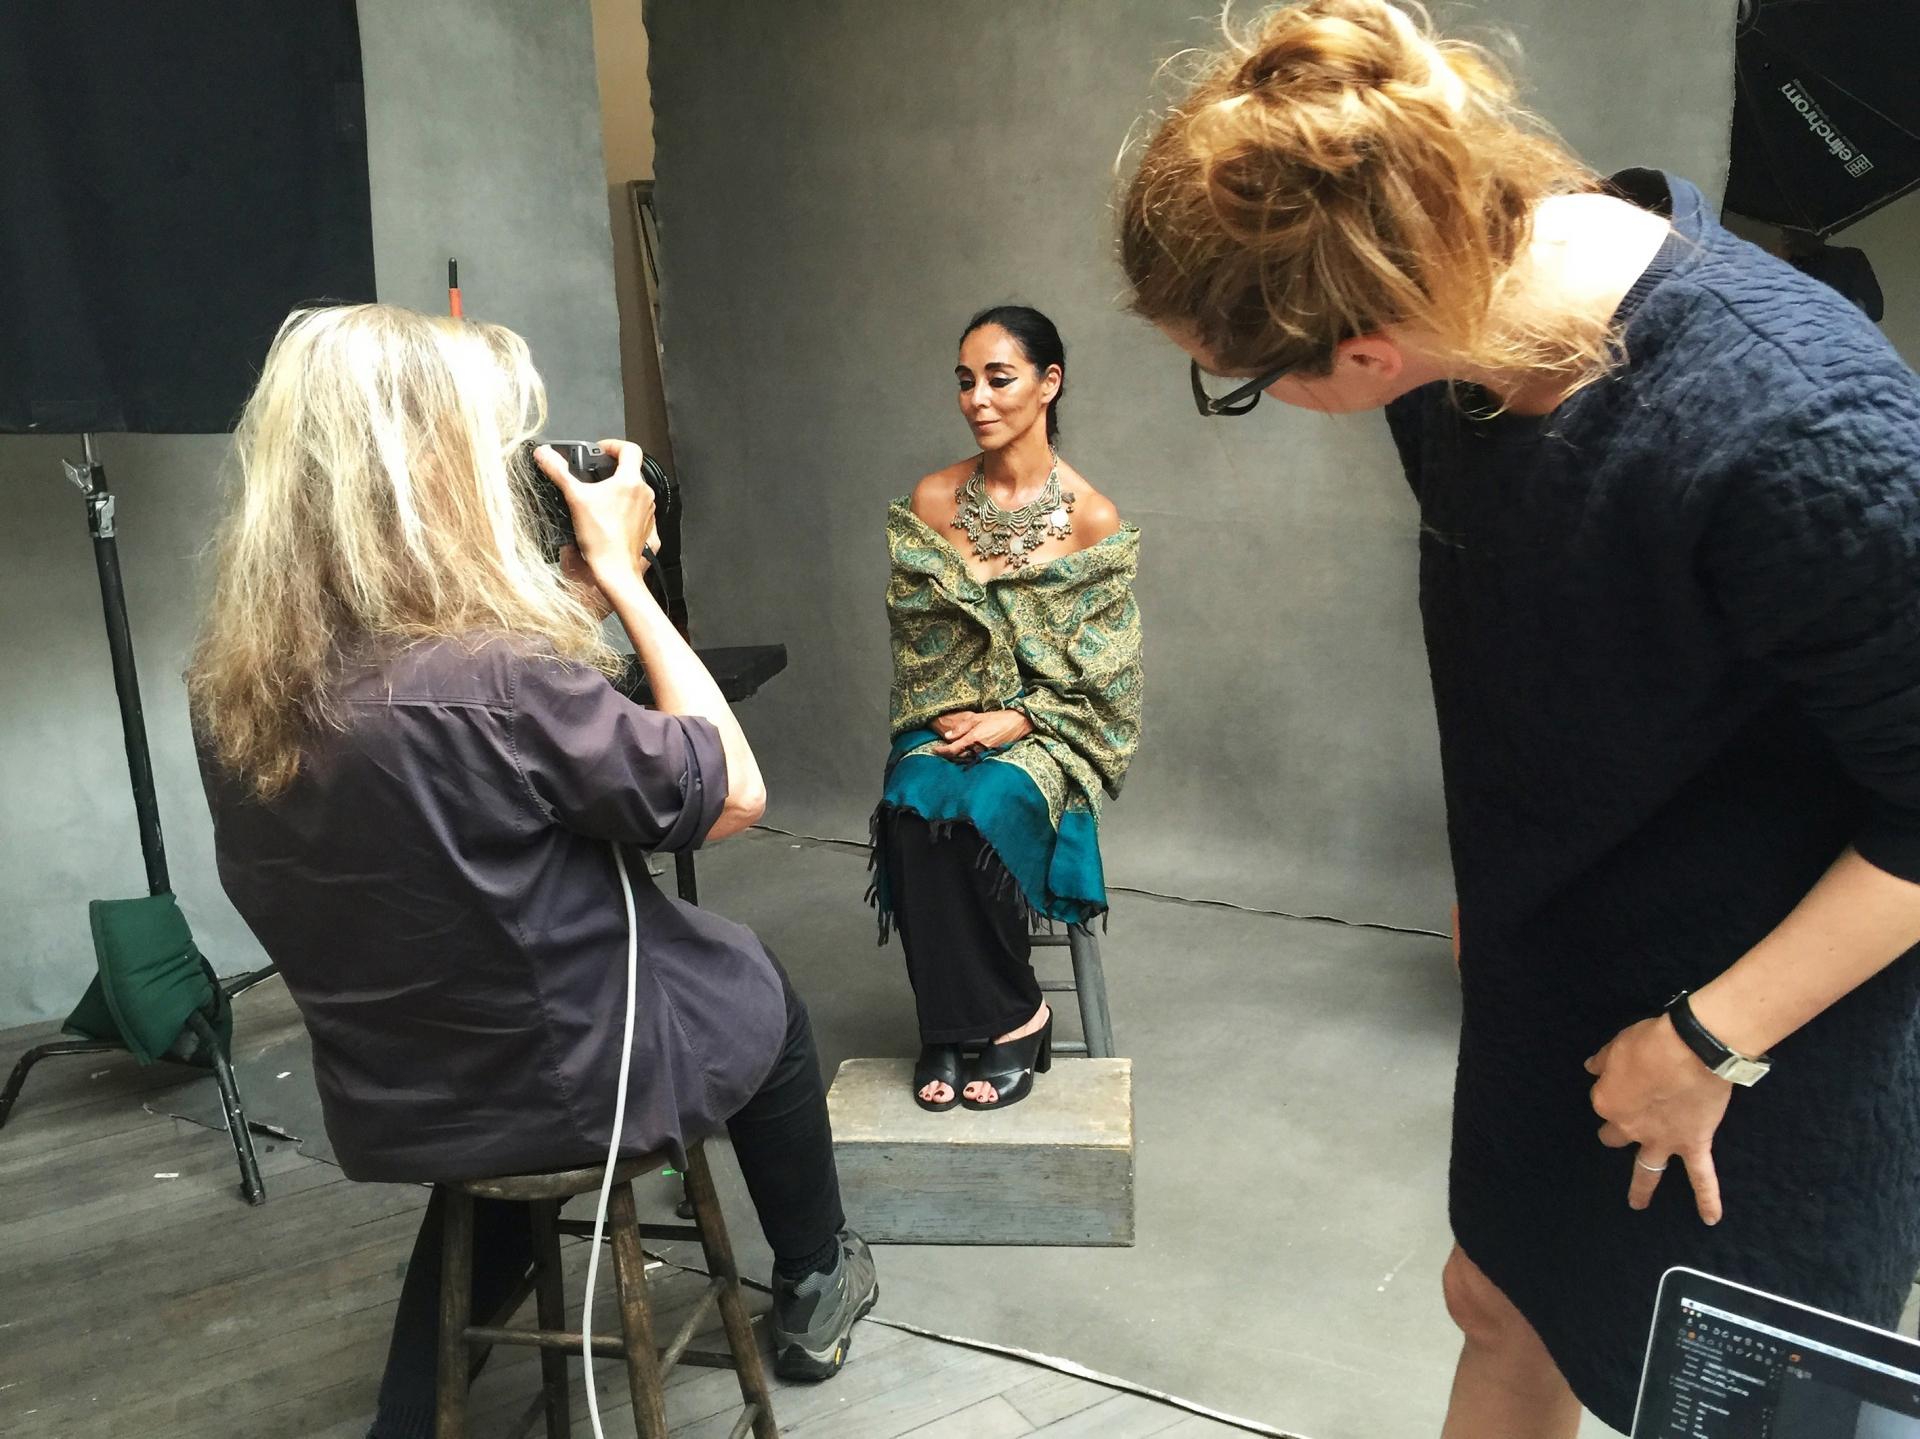 Donne che fotografano le donne